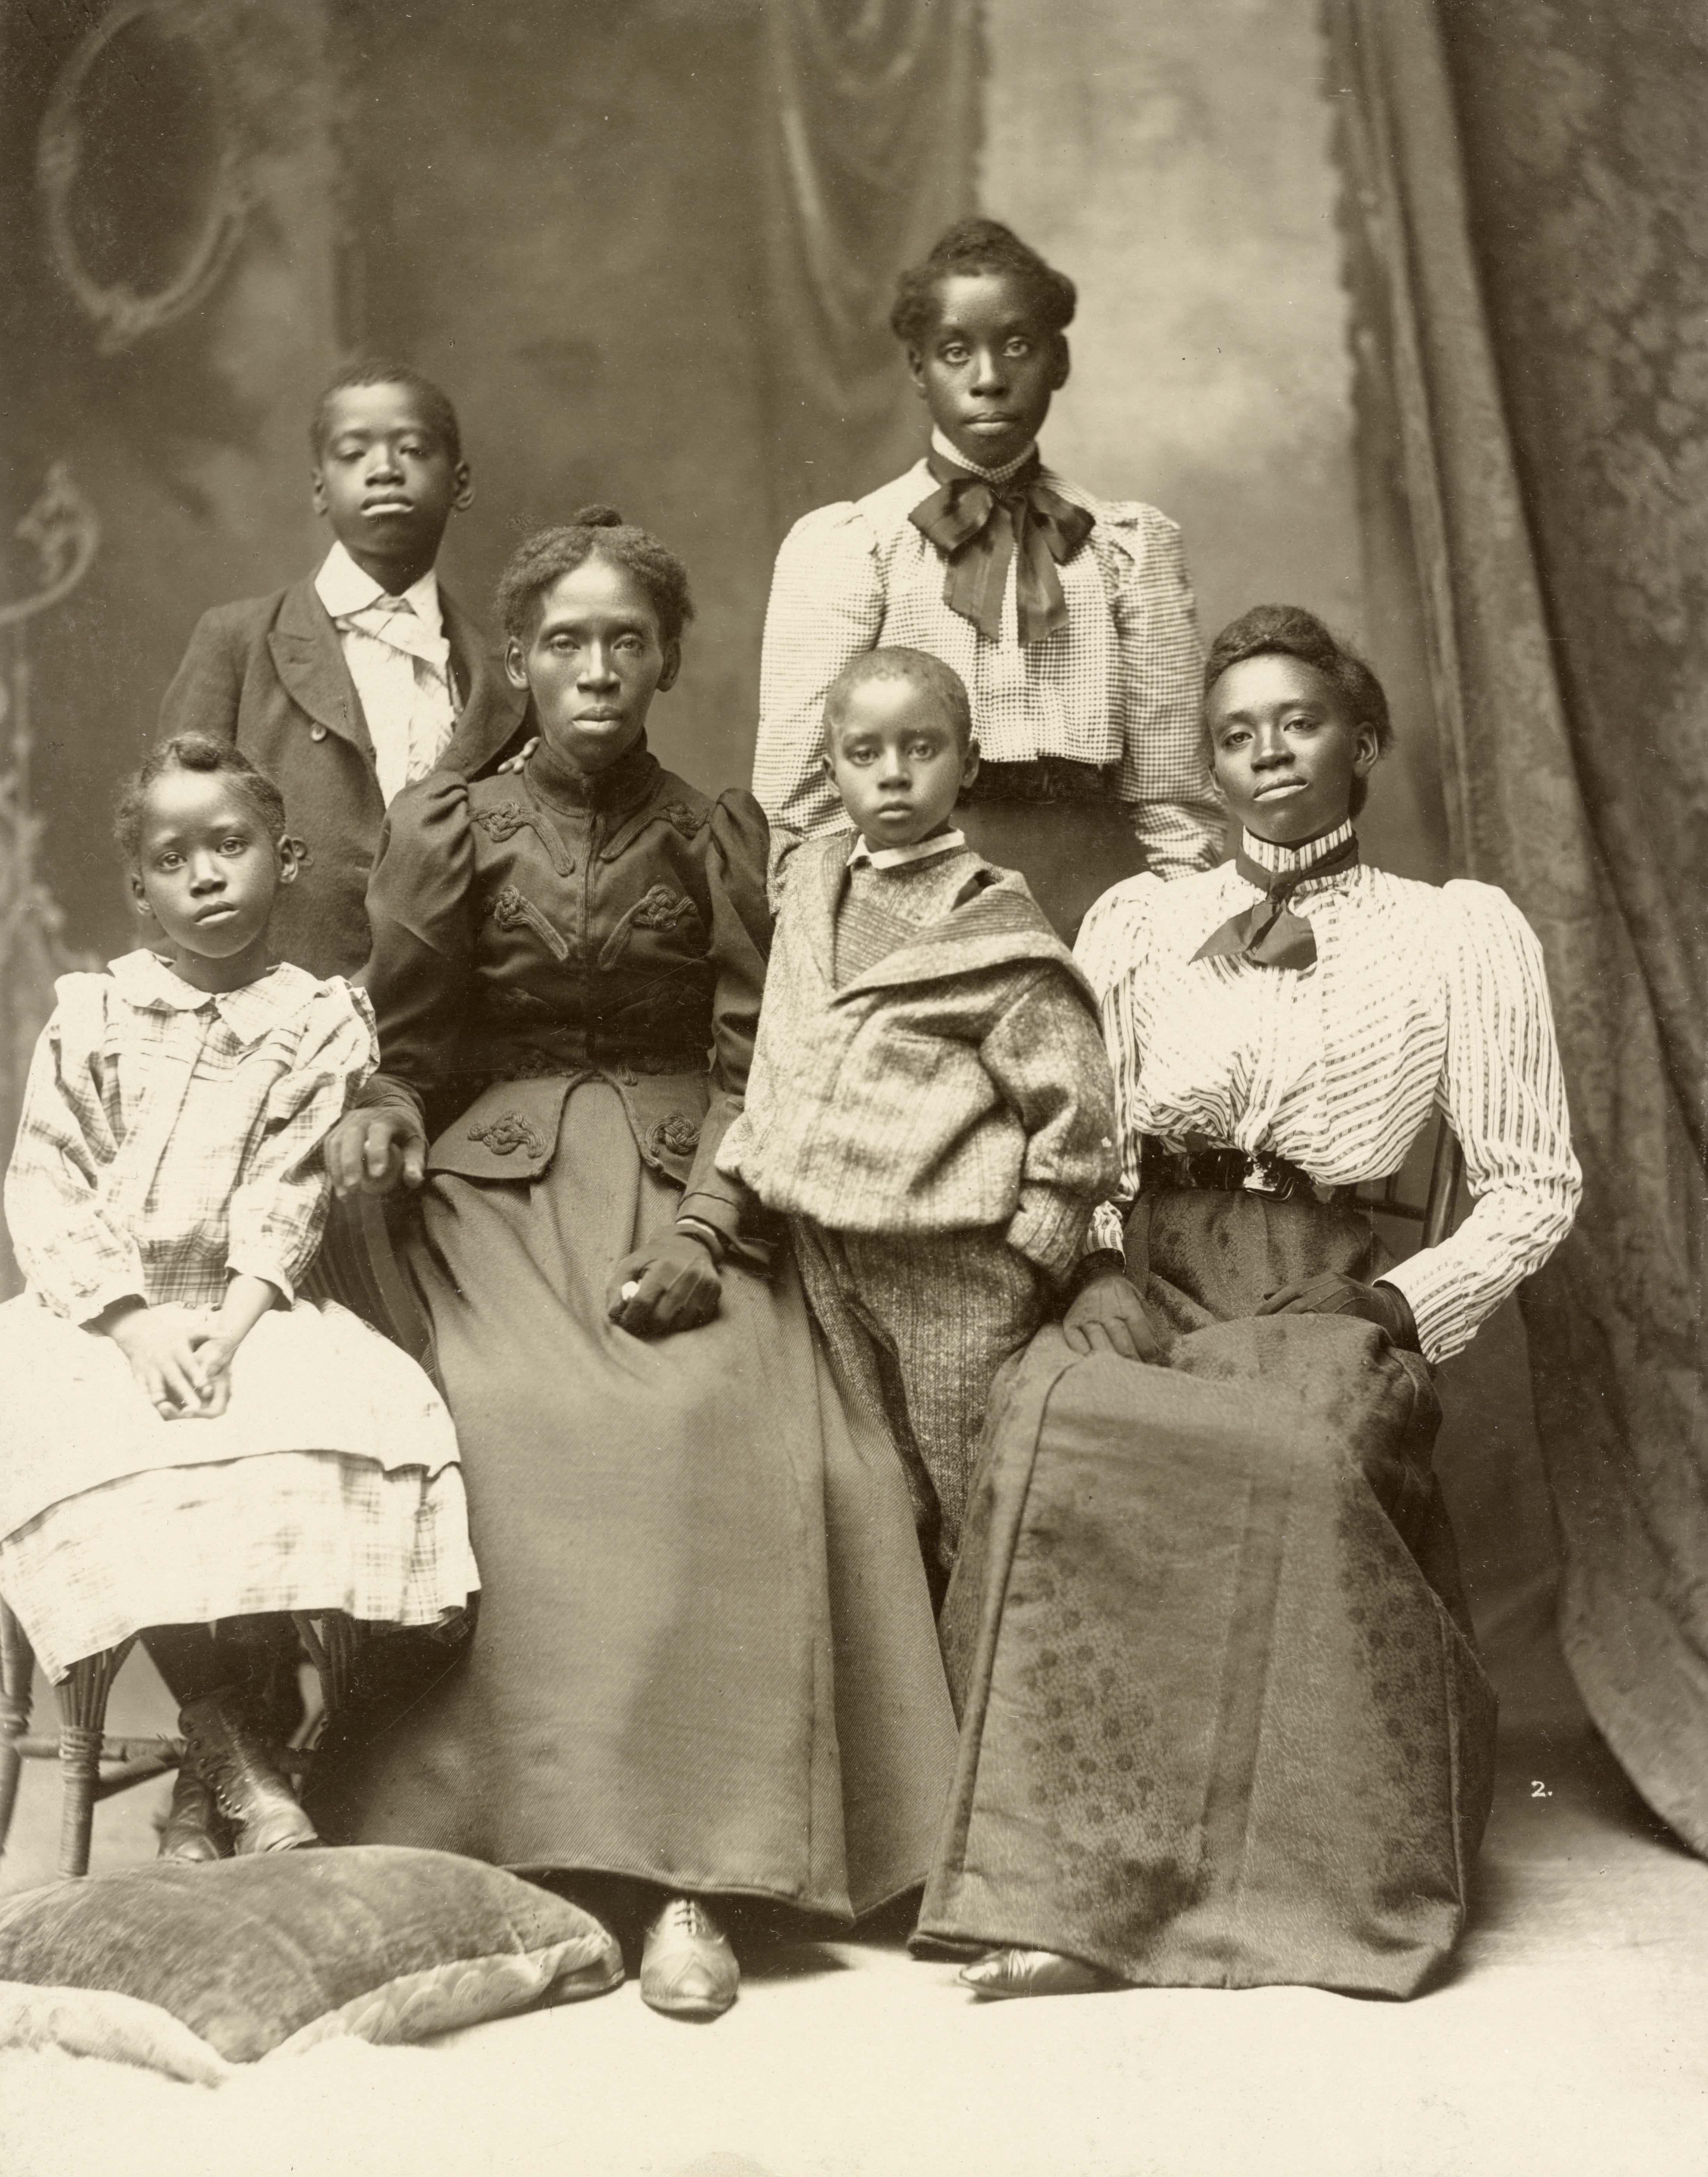 Mrs. Frazer Baker with her children, Lake City, August 18, 1899